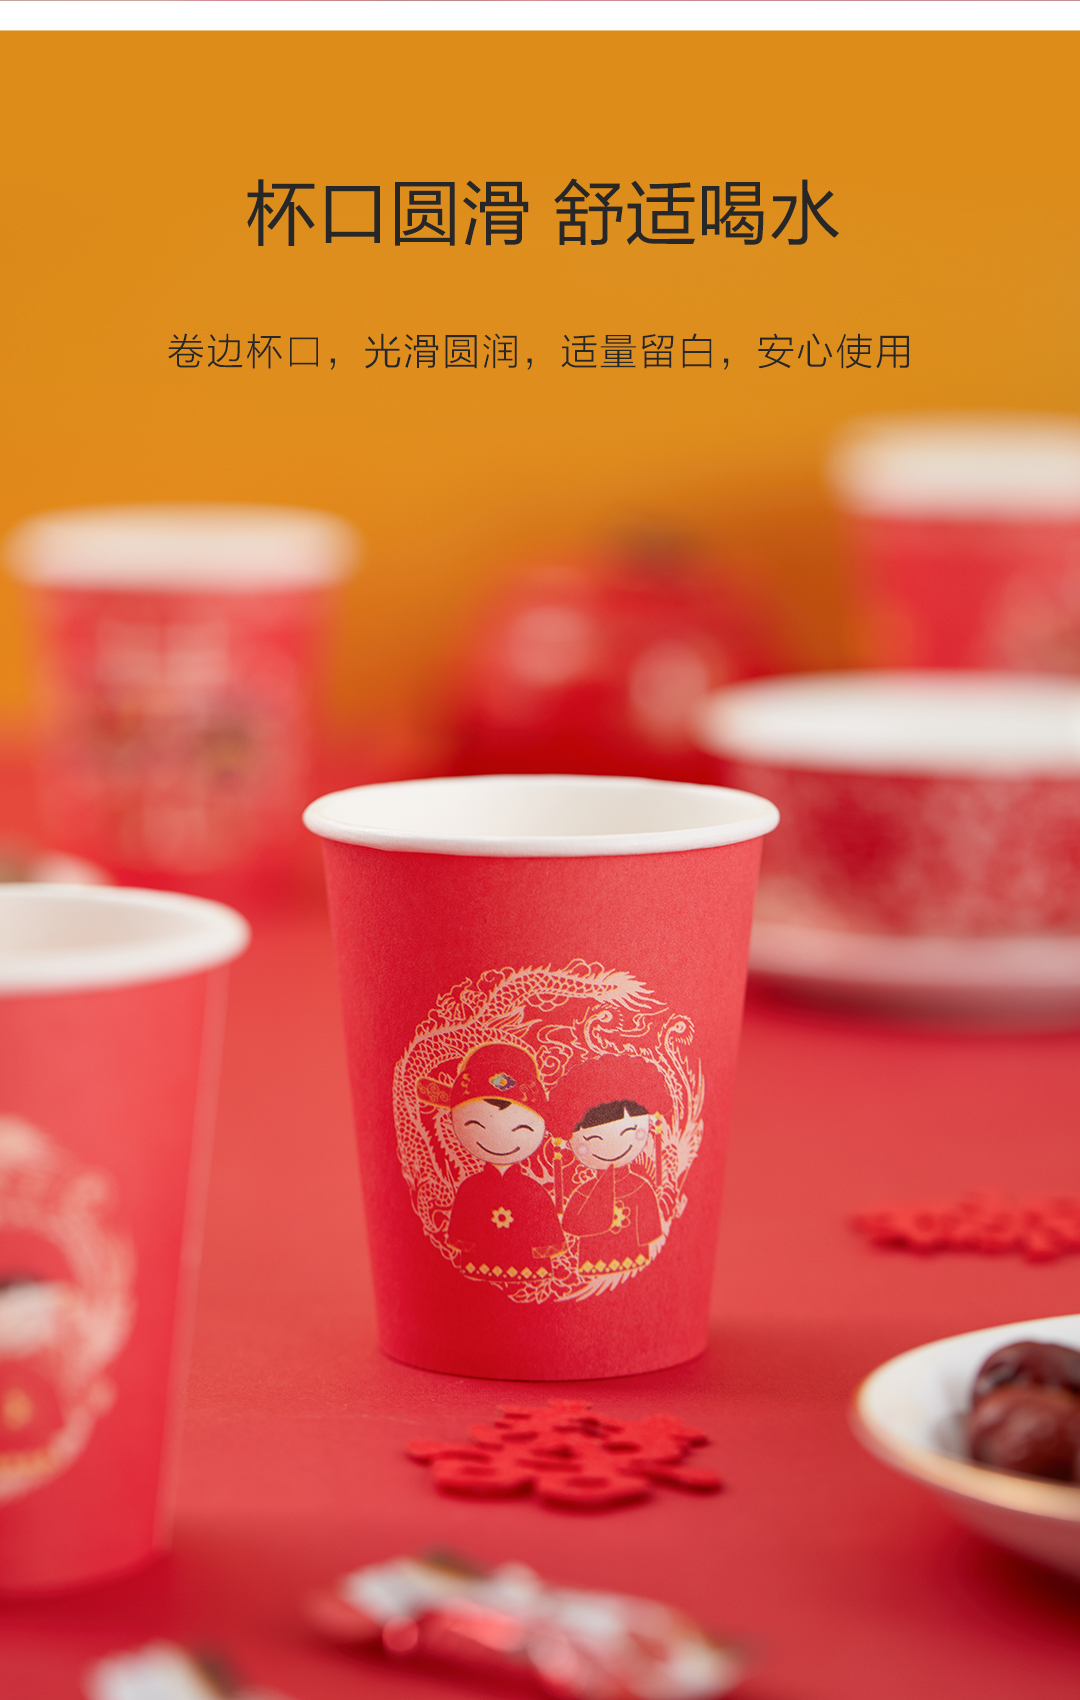 【48个装】婚宴结婚纸杯